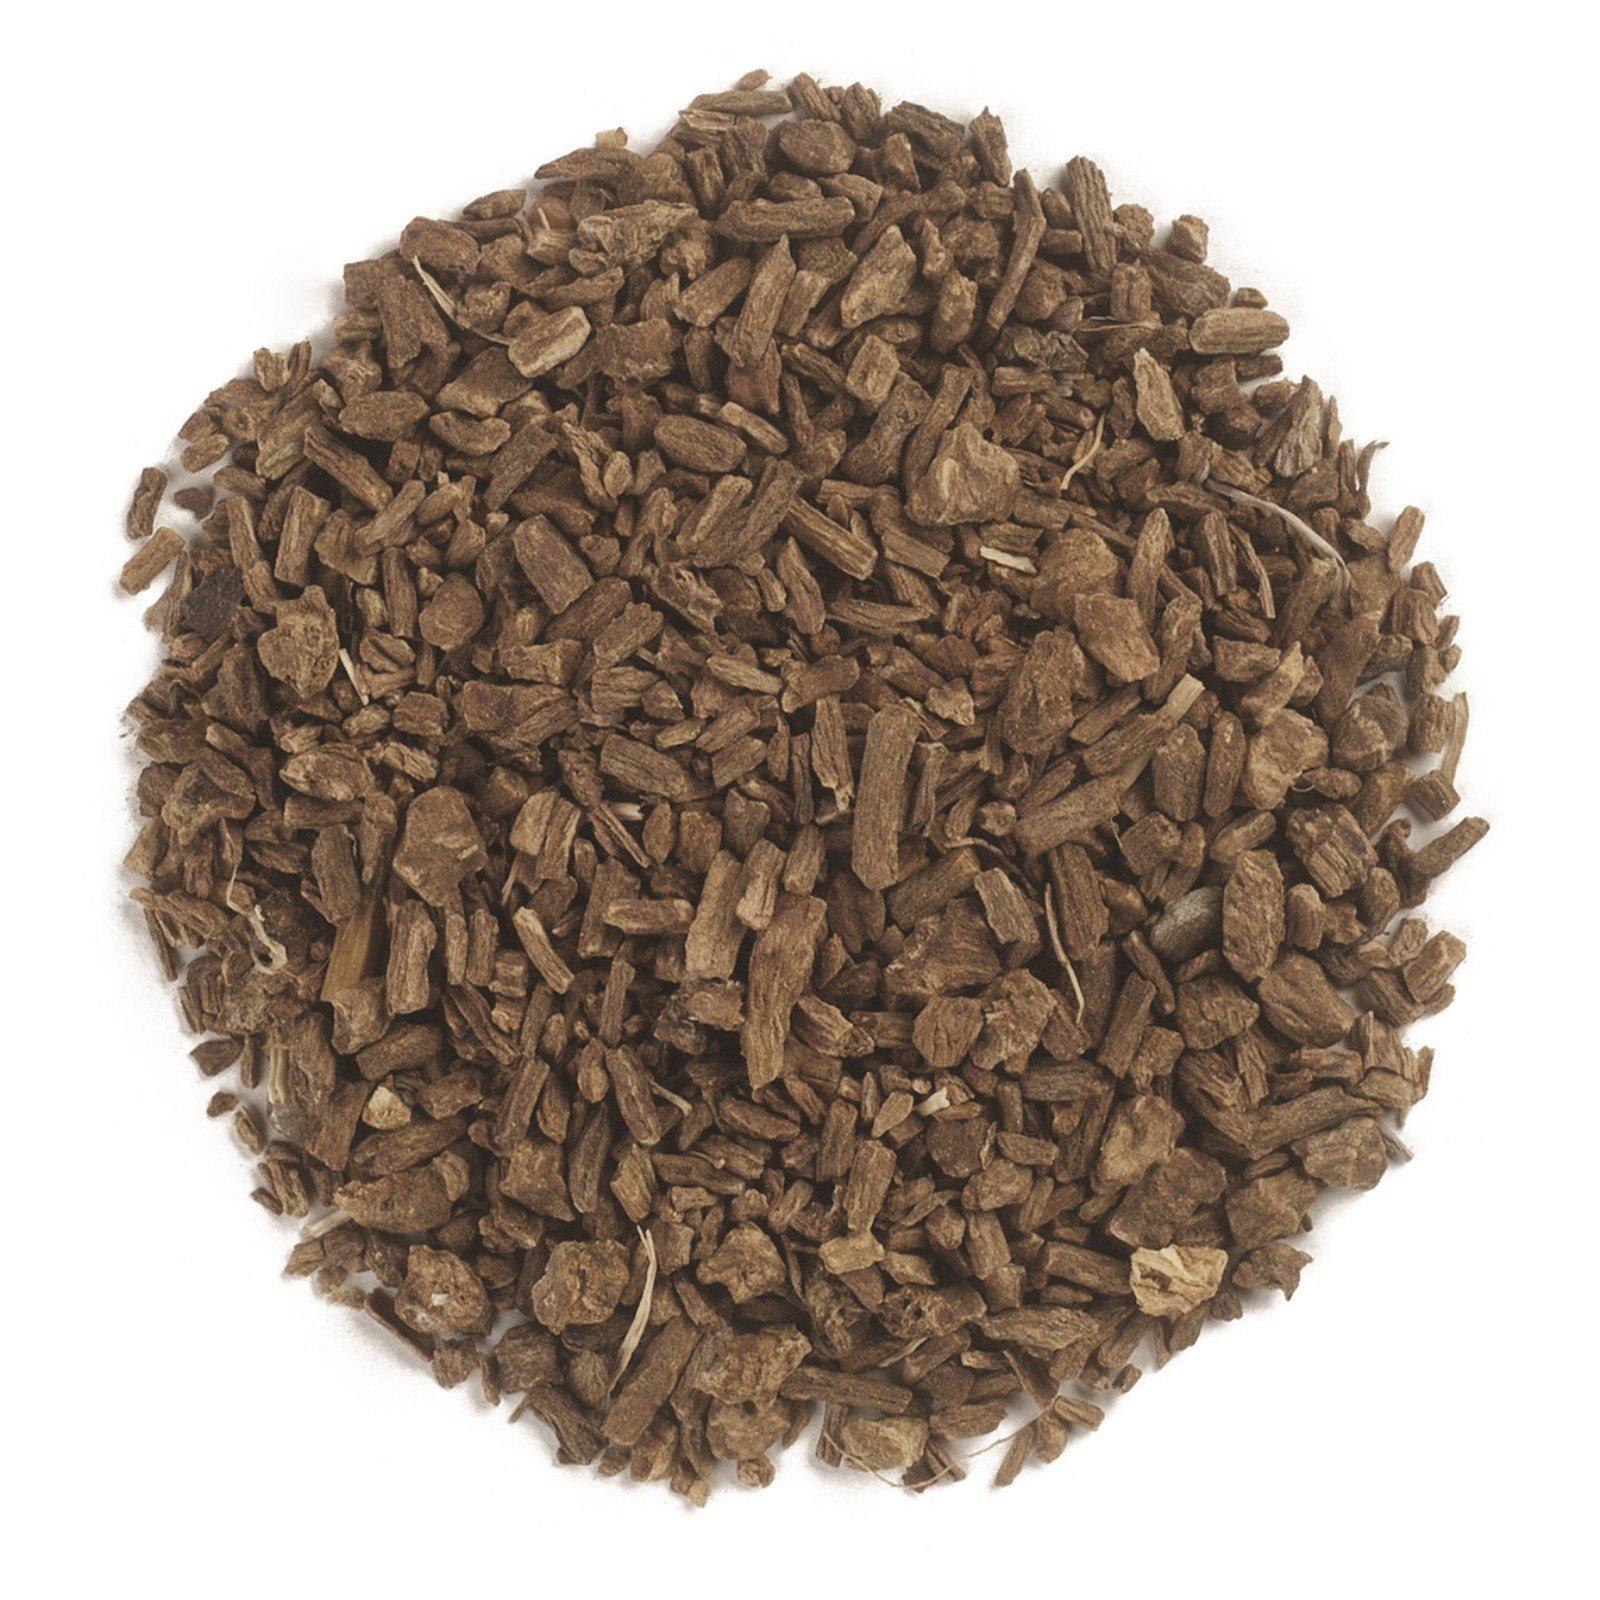 Frontier Natural Products, Органический нарезанный и просеянный корень валерианы, 16 унций (453 г)